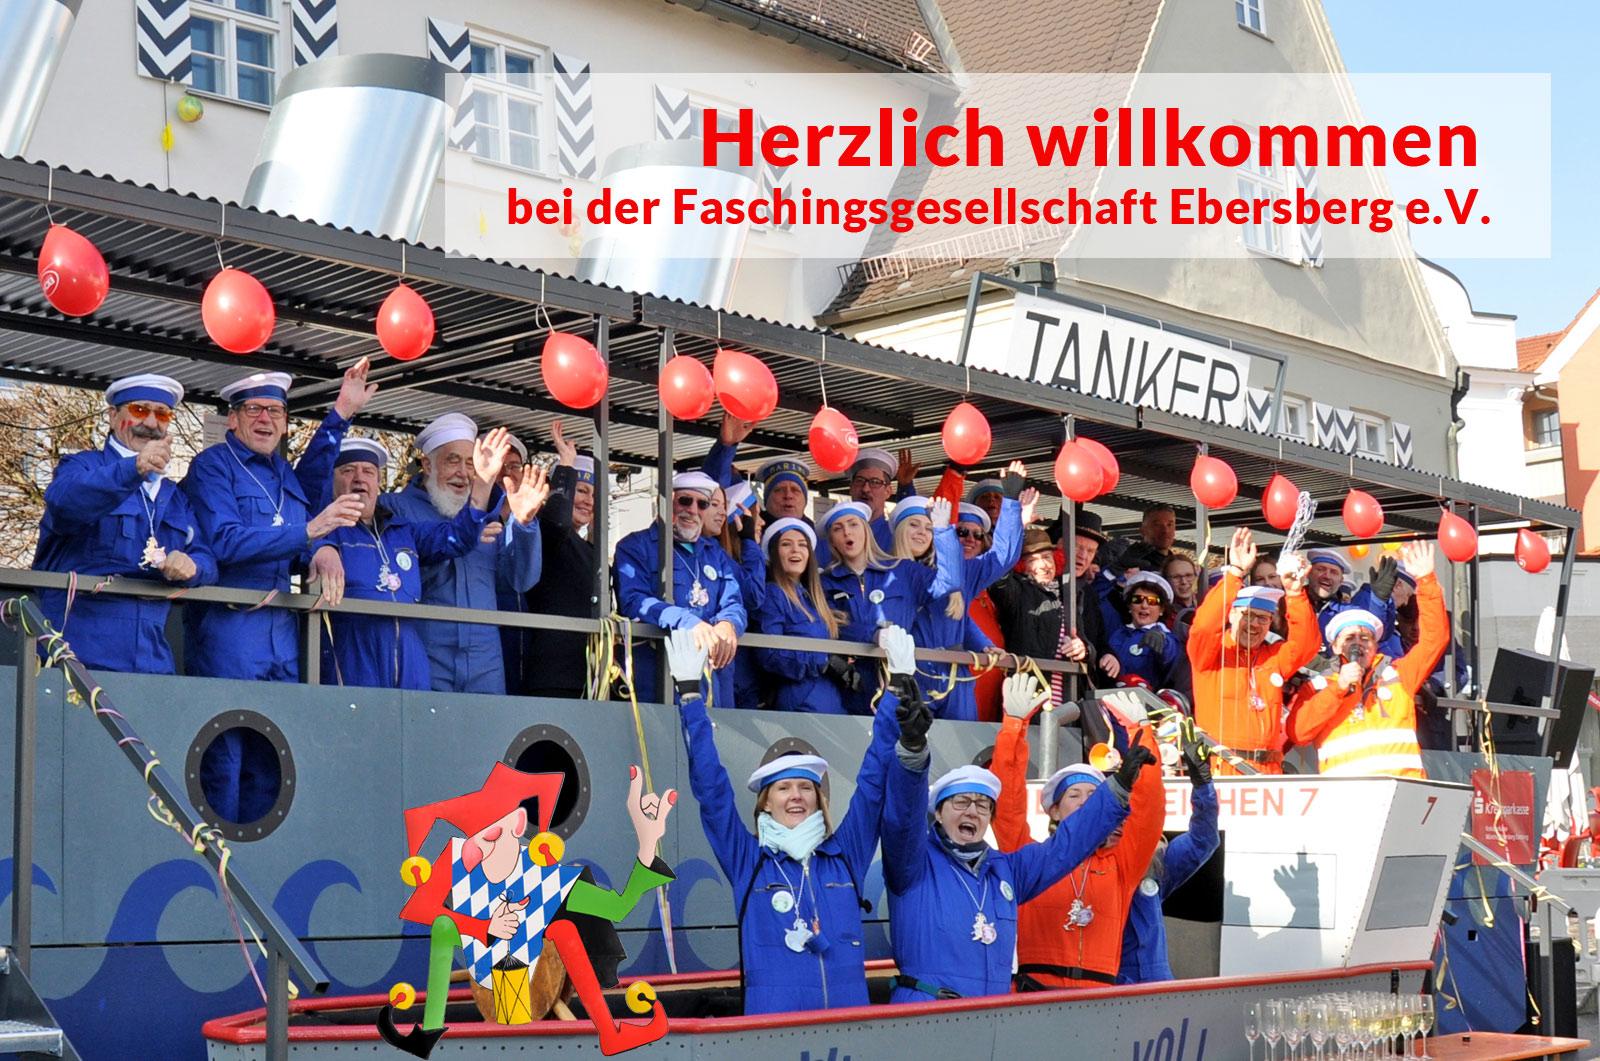 Faschingsgesellschaft Ebersberg e.V.